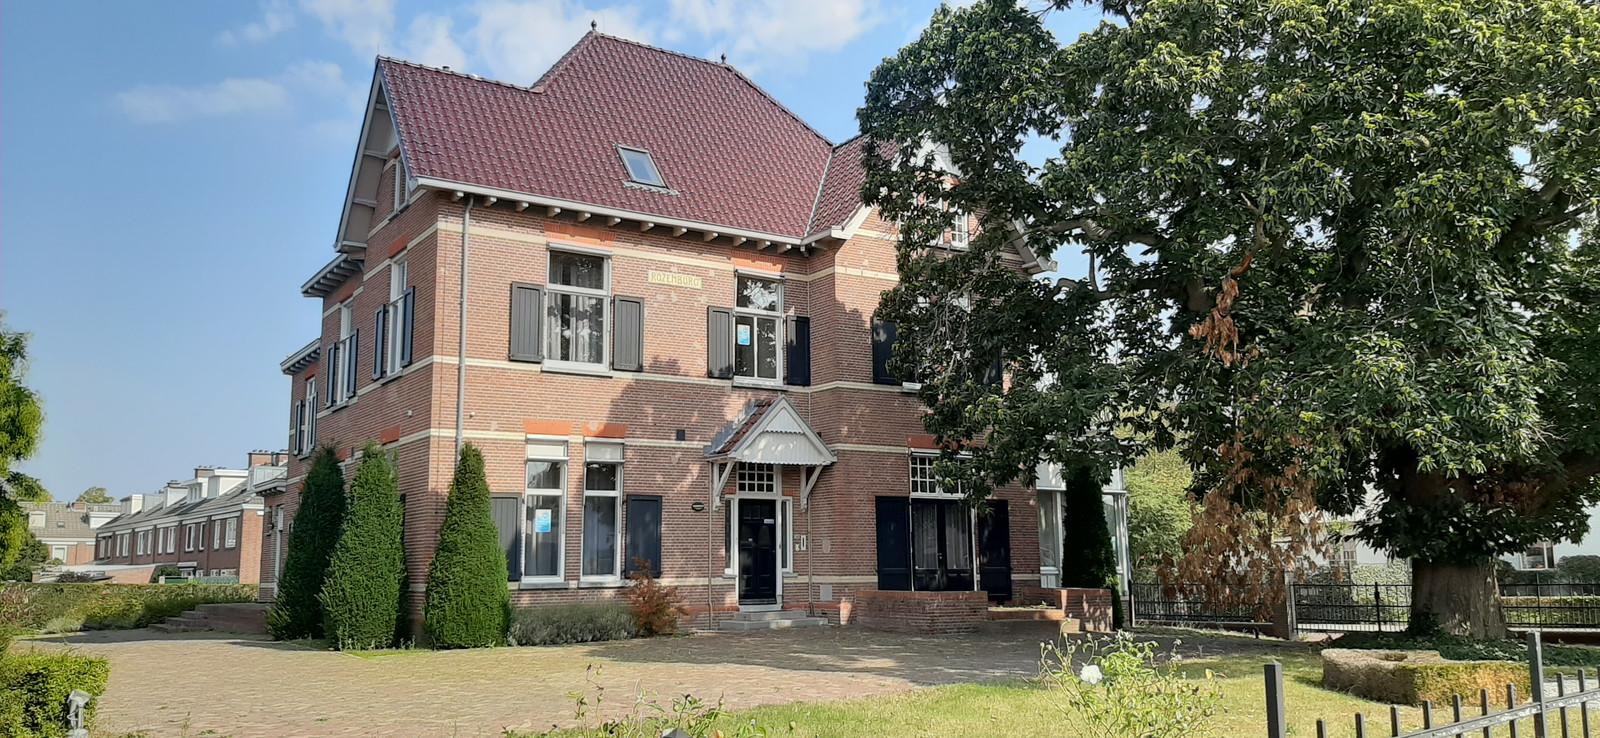 Villa Rozenburg werd in 1912 gebouwd aan de Hoofdstraat in Schijndel door de familie Bolsius.